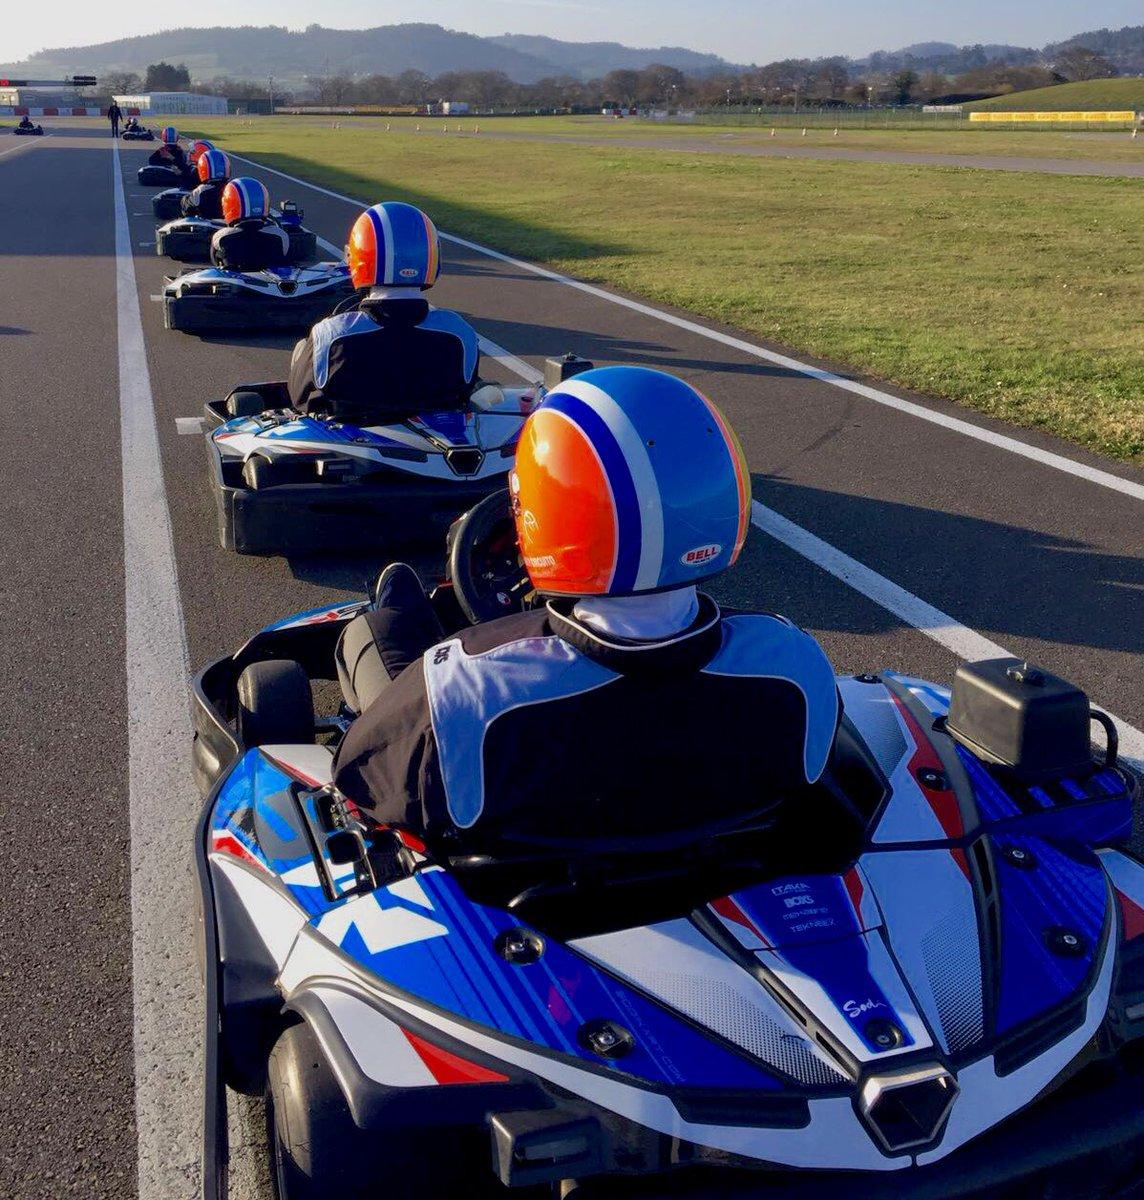 Circuito Fernando Alonso Alquiler Karts : Karting con opción a burger o barbacoa en circuito montoya dto